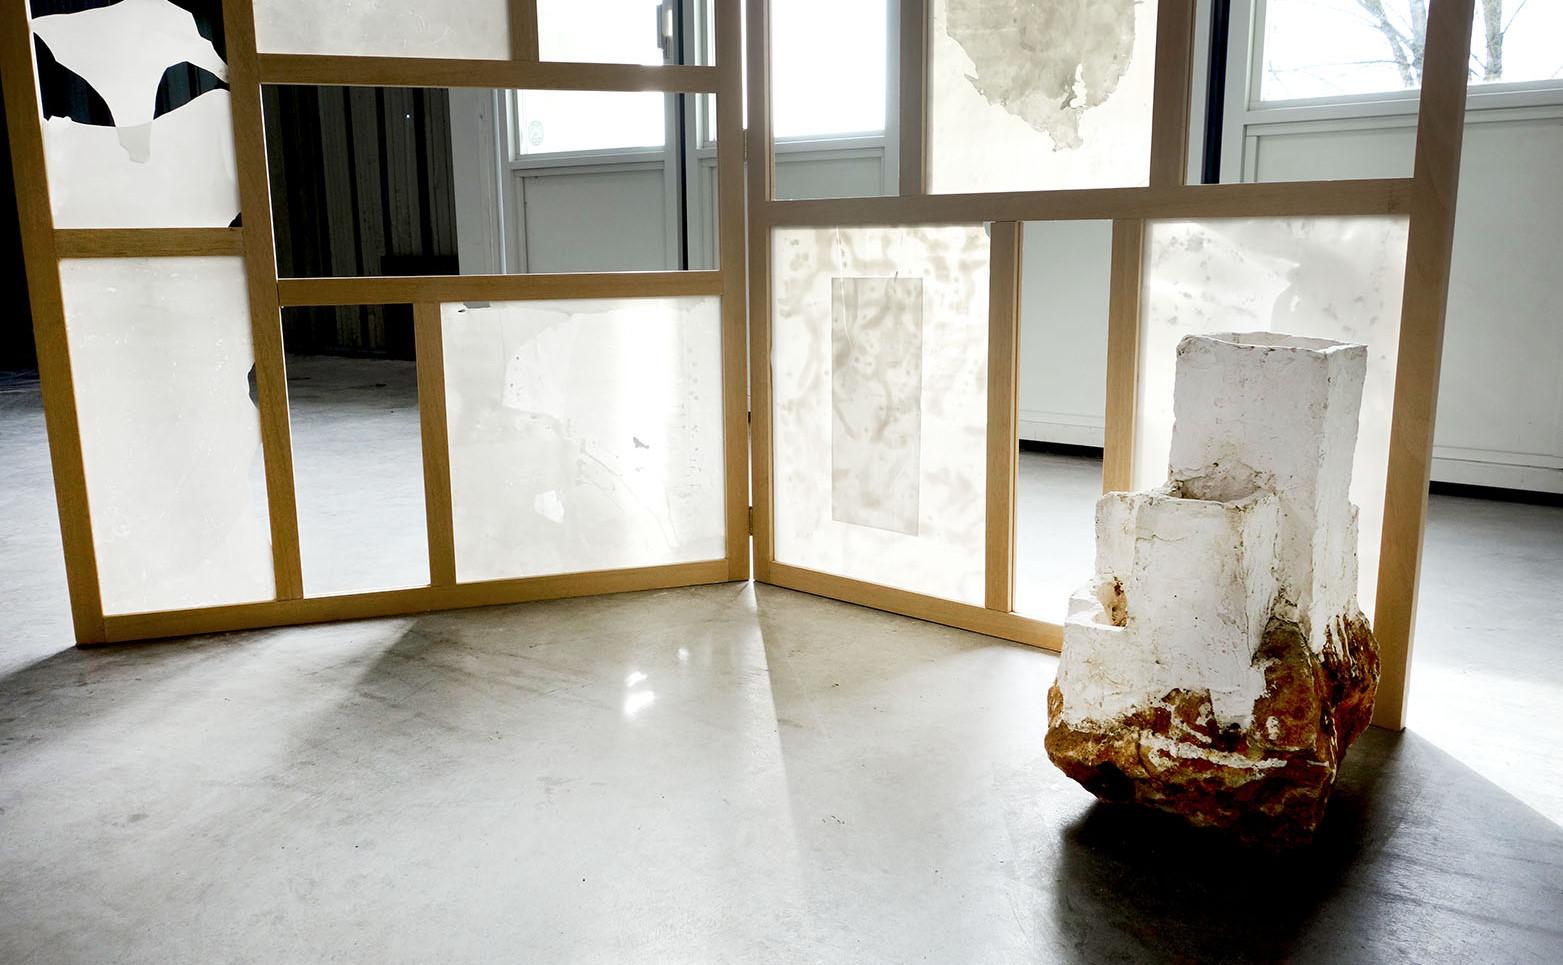 HERVÉ DELAMONT Château en Espagne, 1987-1992 4 éléments, plâtre et pierre 46 x 36 x 26 cm.  NICOLAS H. MULLER I Heard you Looking, ou Jardin de l'Ombre, 2021 Bois, porcelaine 200 x 180 x 50 cm.